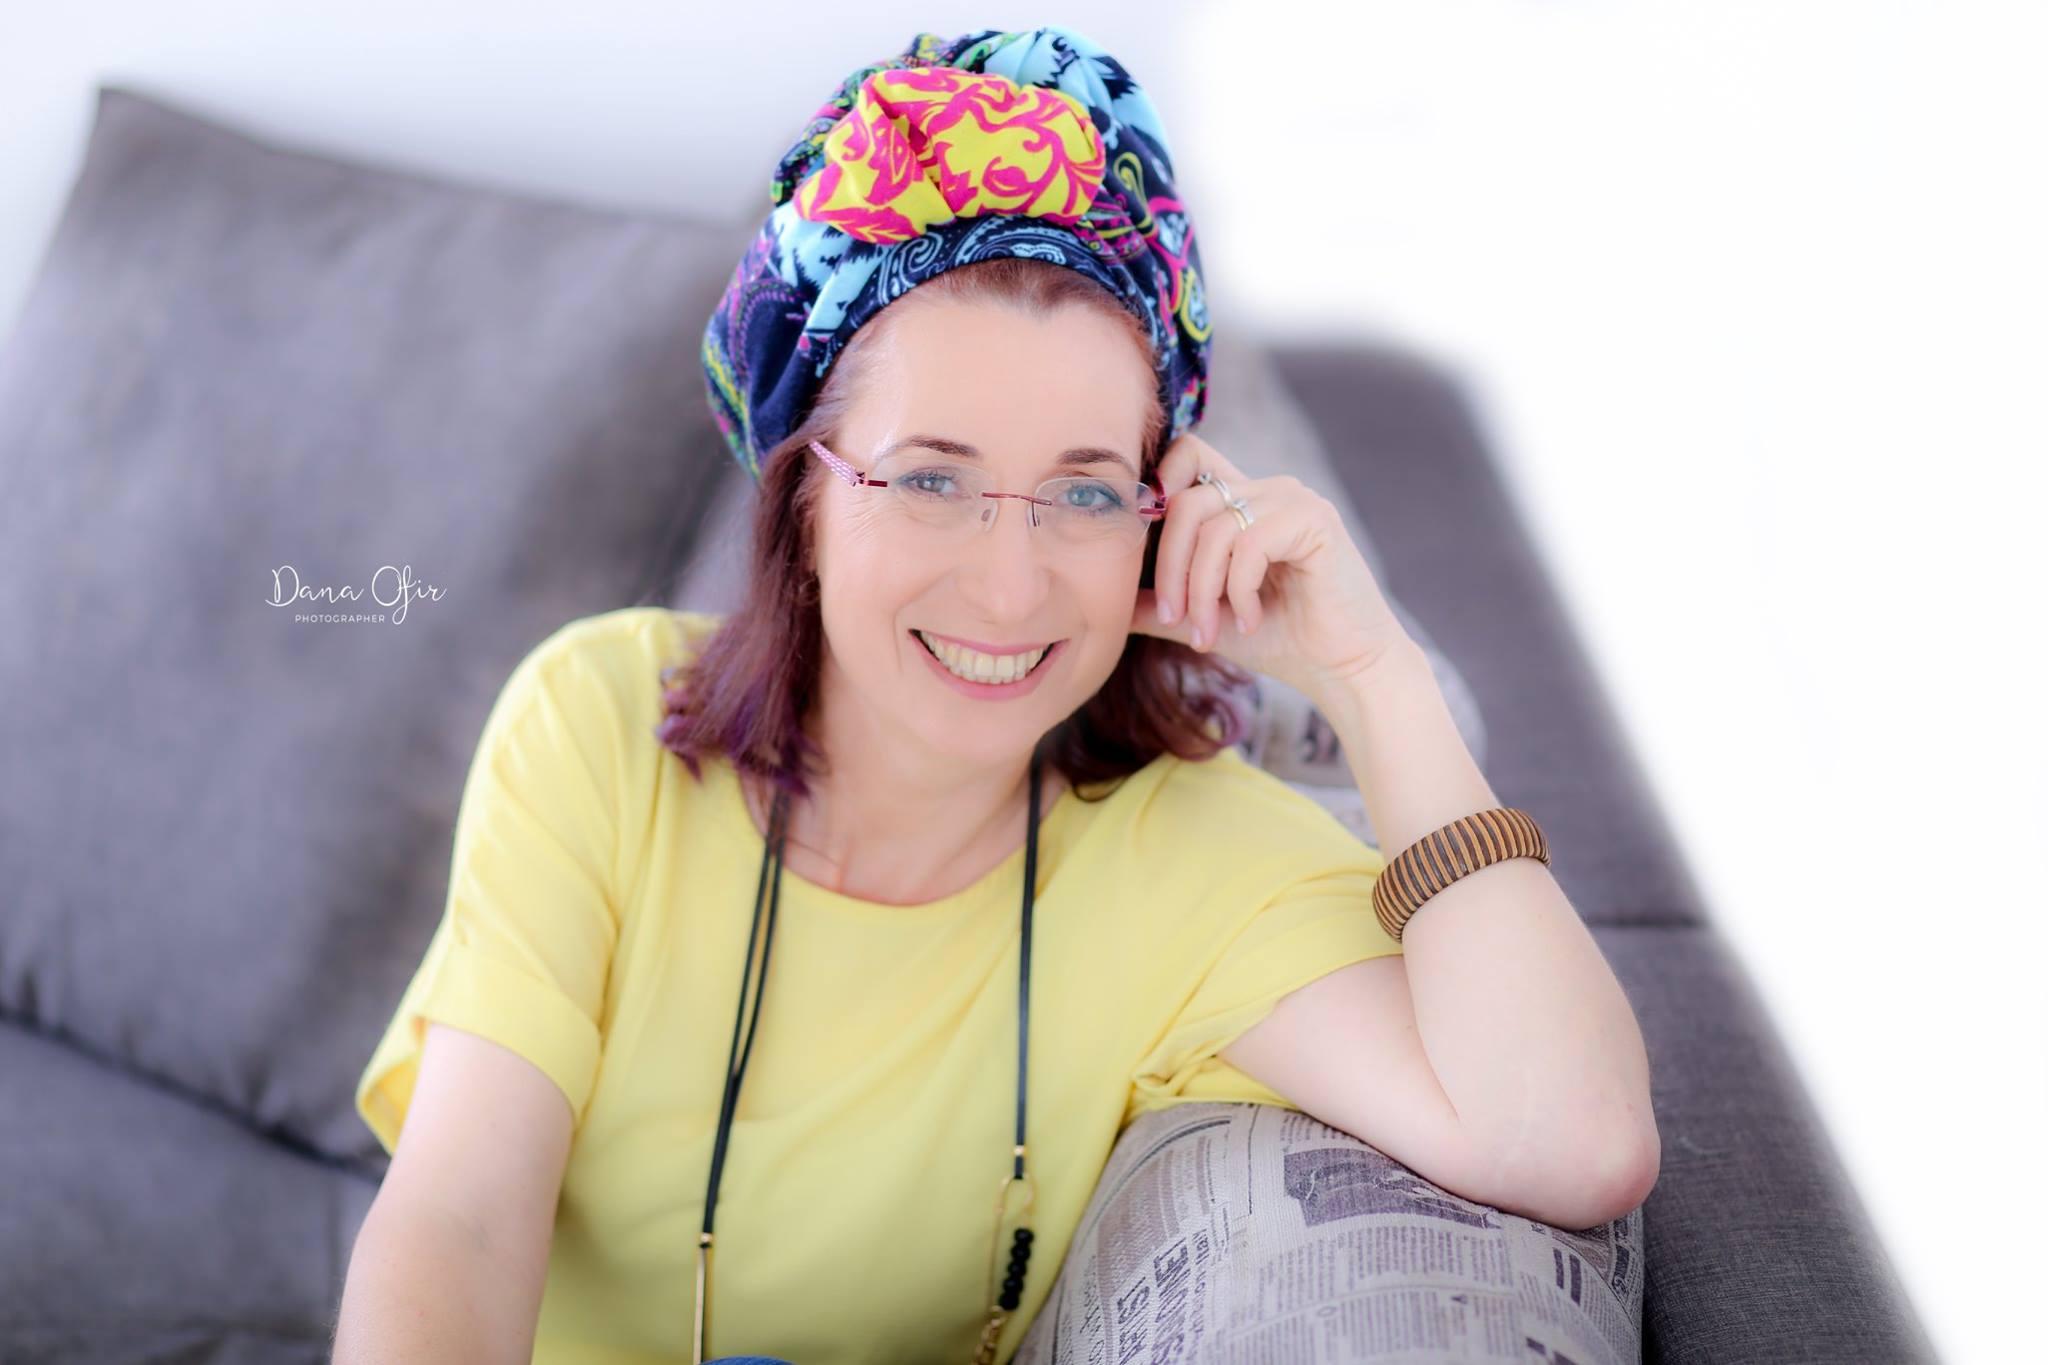 חגית אקשטיין - מרצה בקורס יבוא יצוא